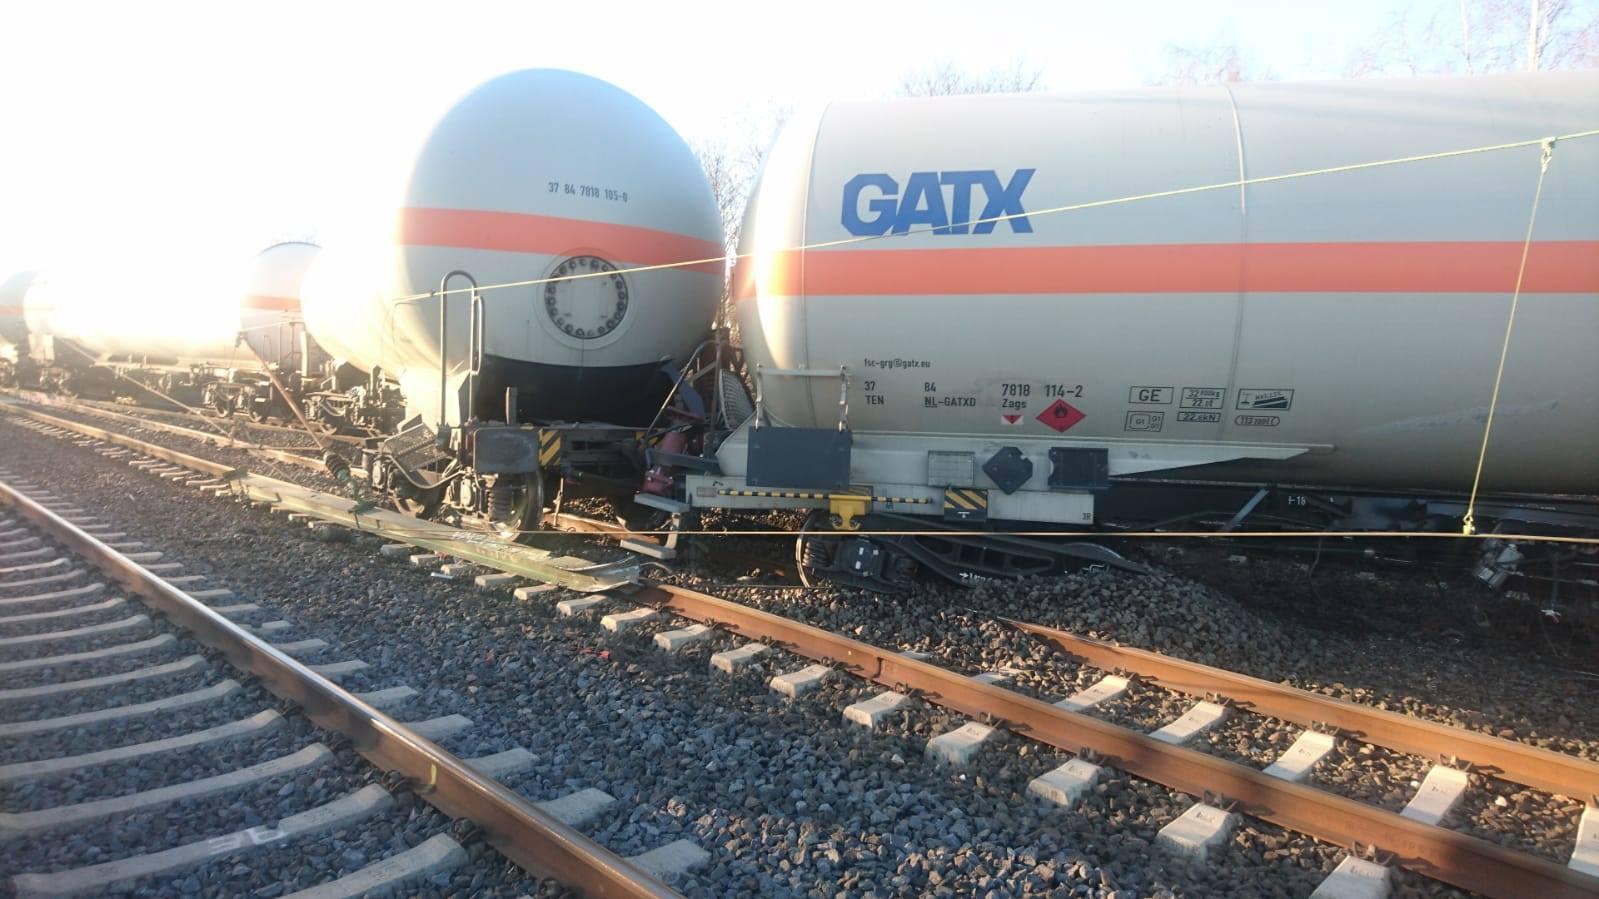 Mehrere Kesselwagen eines Güterzugs entgleist – Großeinsatz für die Feuerwehr Moers